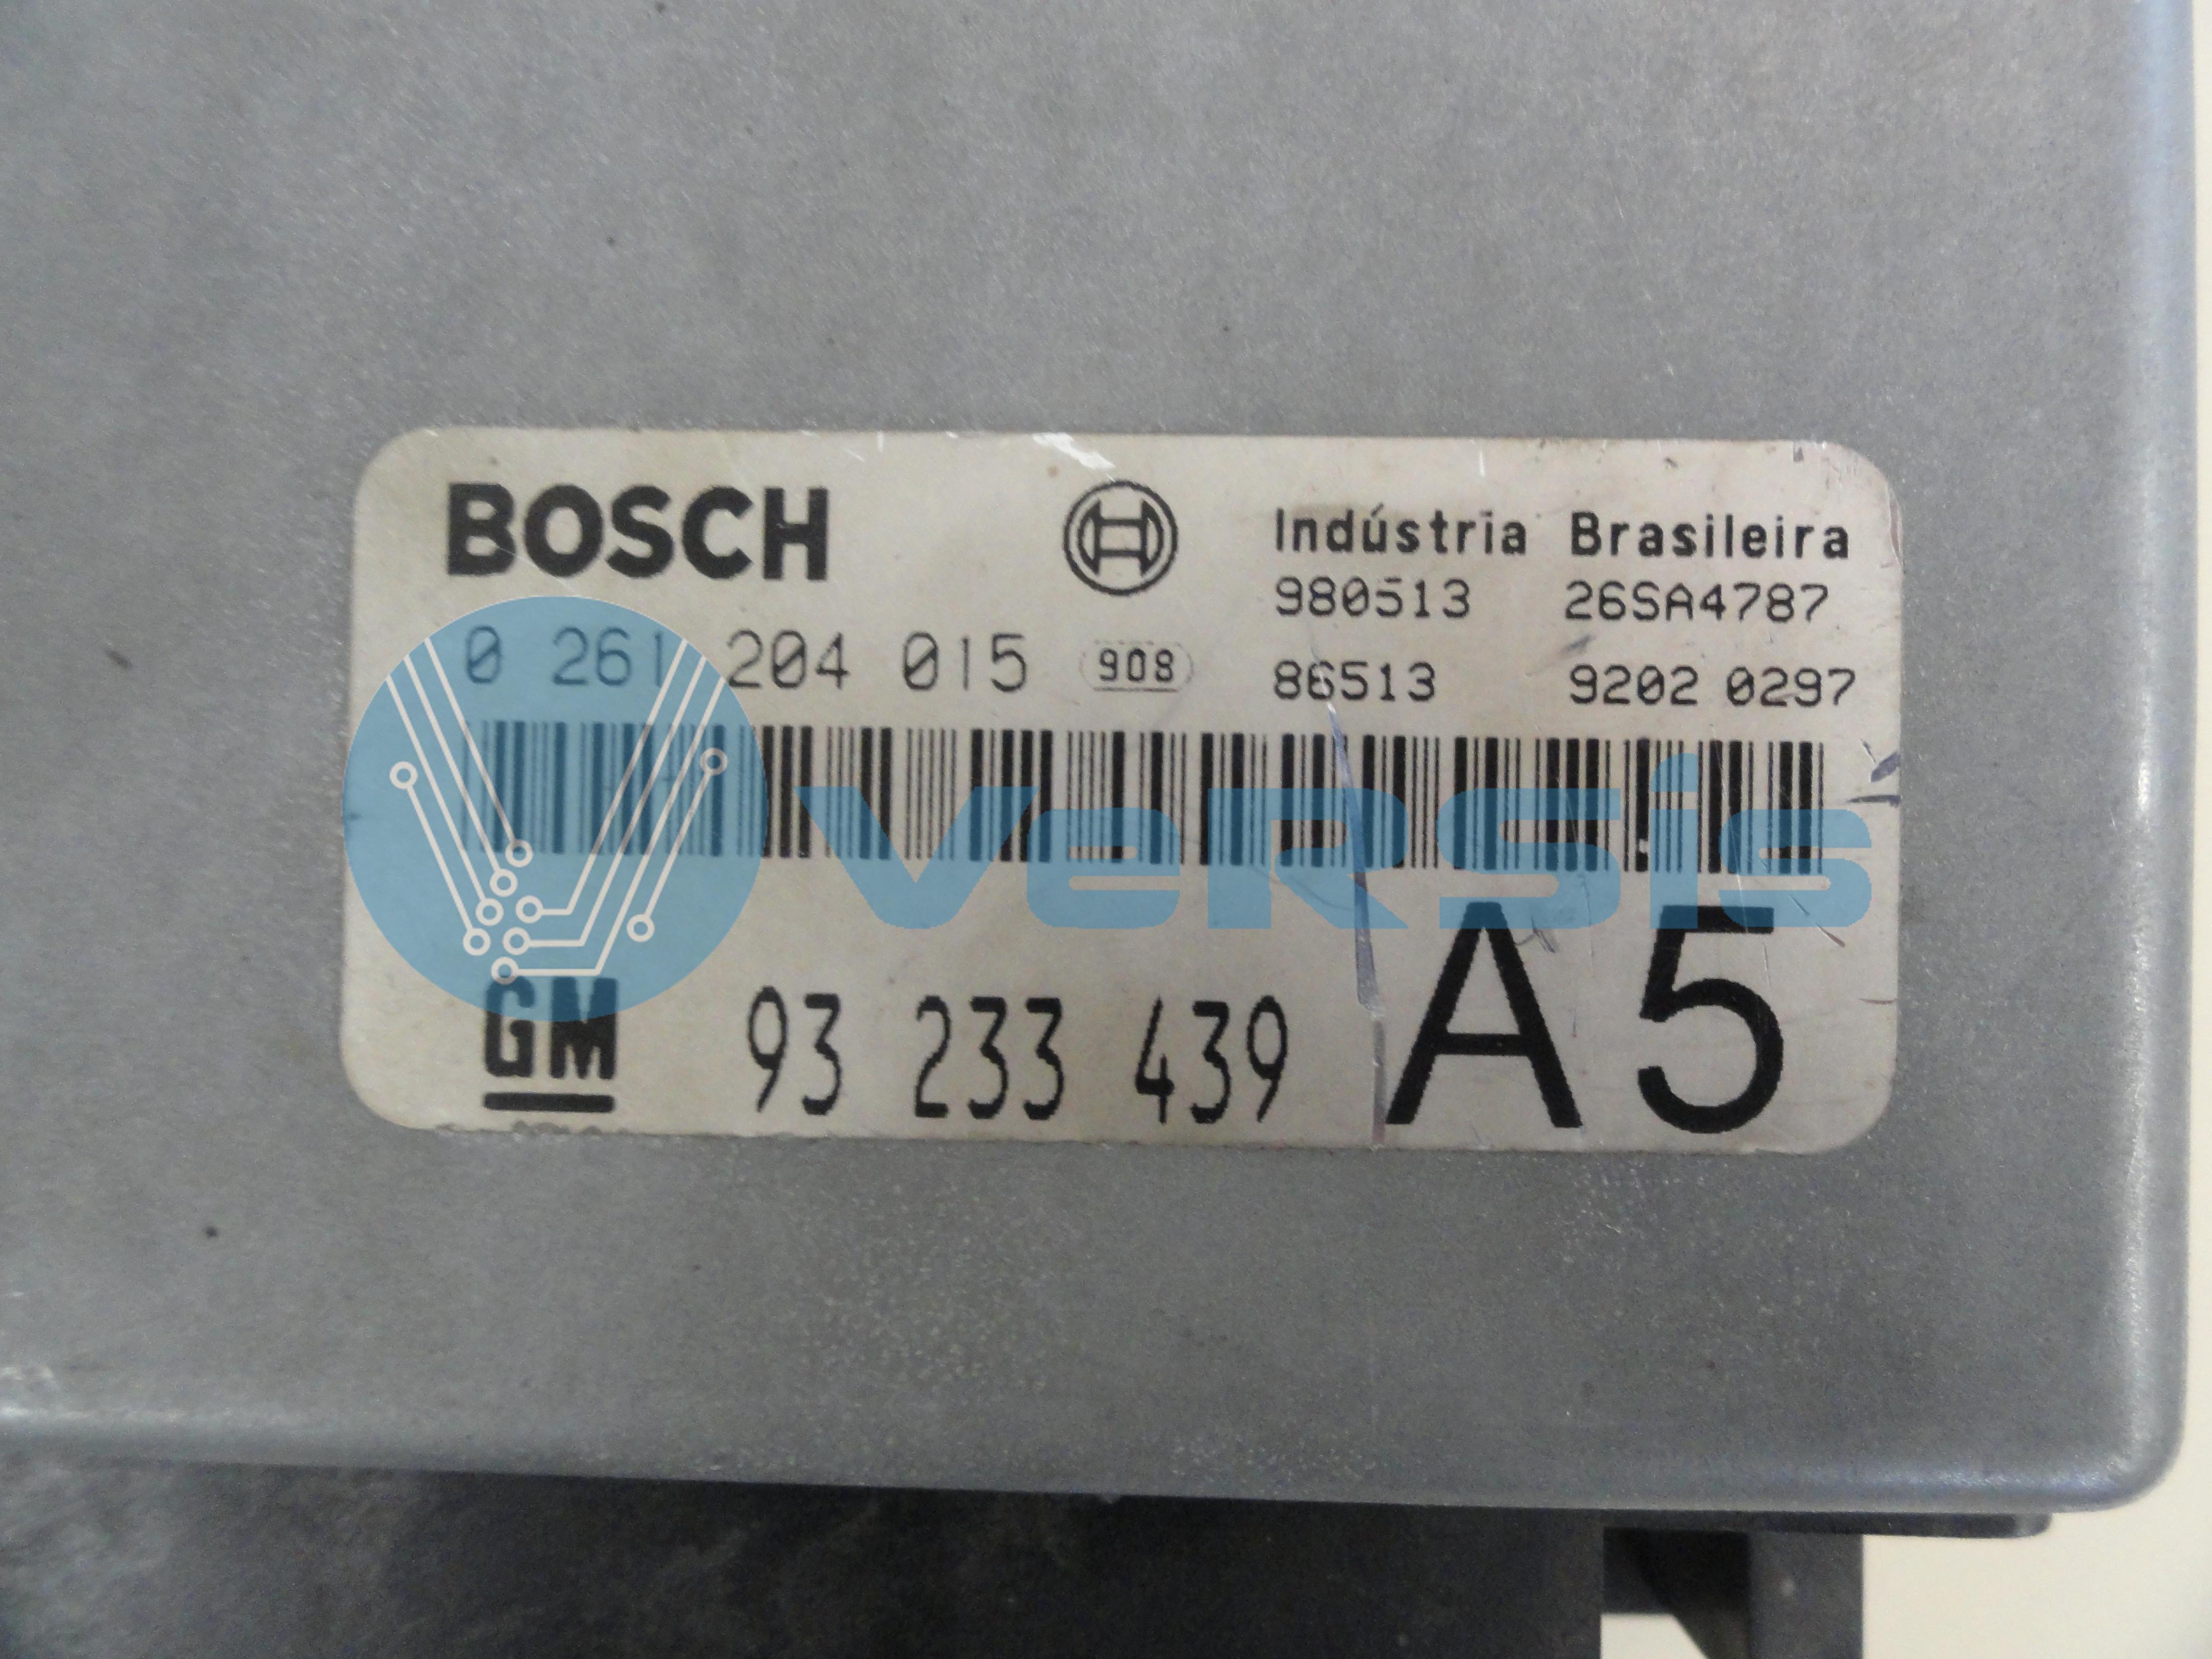 Bosch 93 233 439 A5 / 0 261 204 015